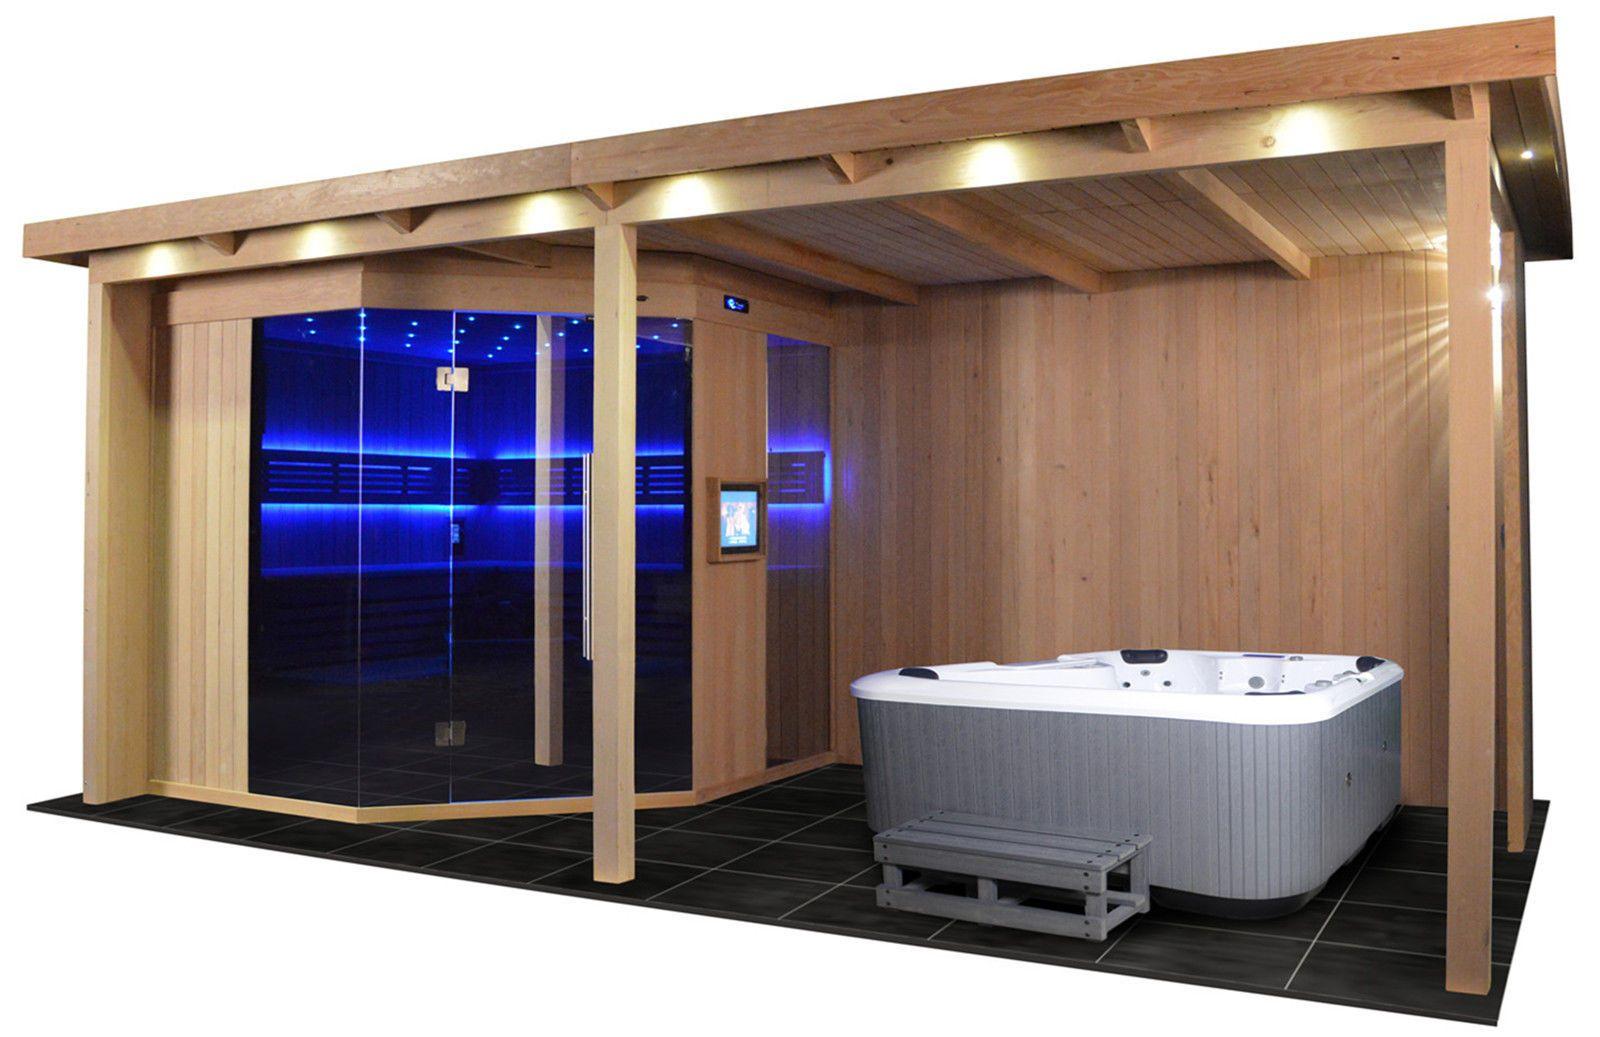 Gartensauna Gs 4025 Vs Bio Kombiofen 555x280cm Gartensauna Gartenhaus Mit Sauna Sauna Im Garten